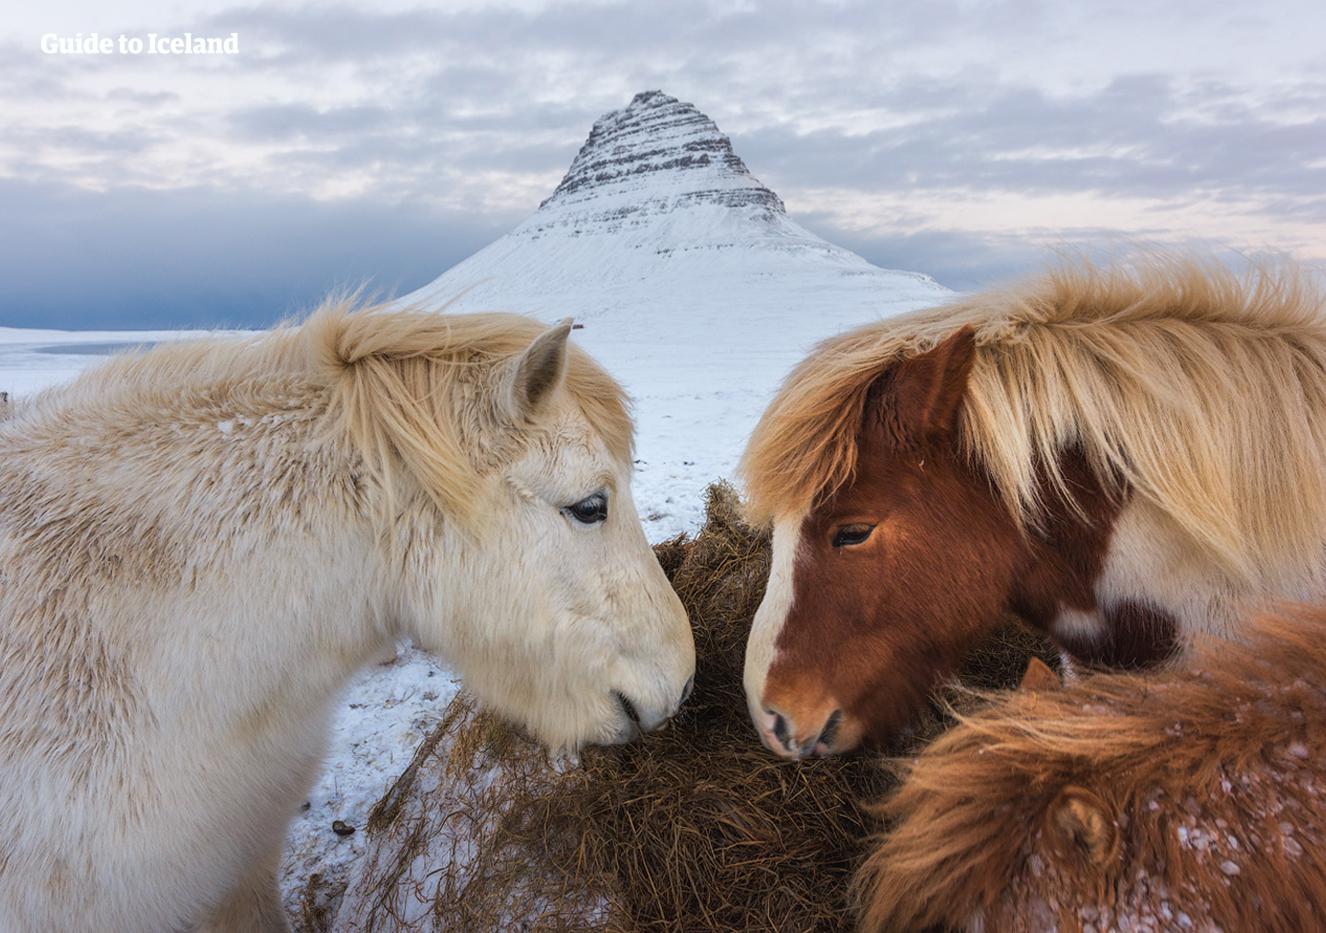 Cavalli islandesi e il famoso monte Kirkjufell nella penisola di Snæfellsnes.